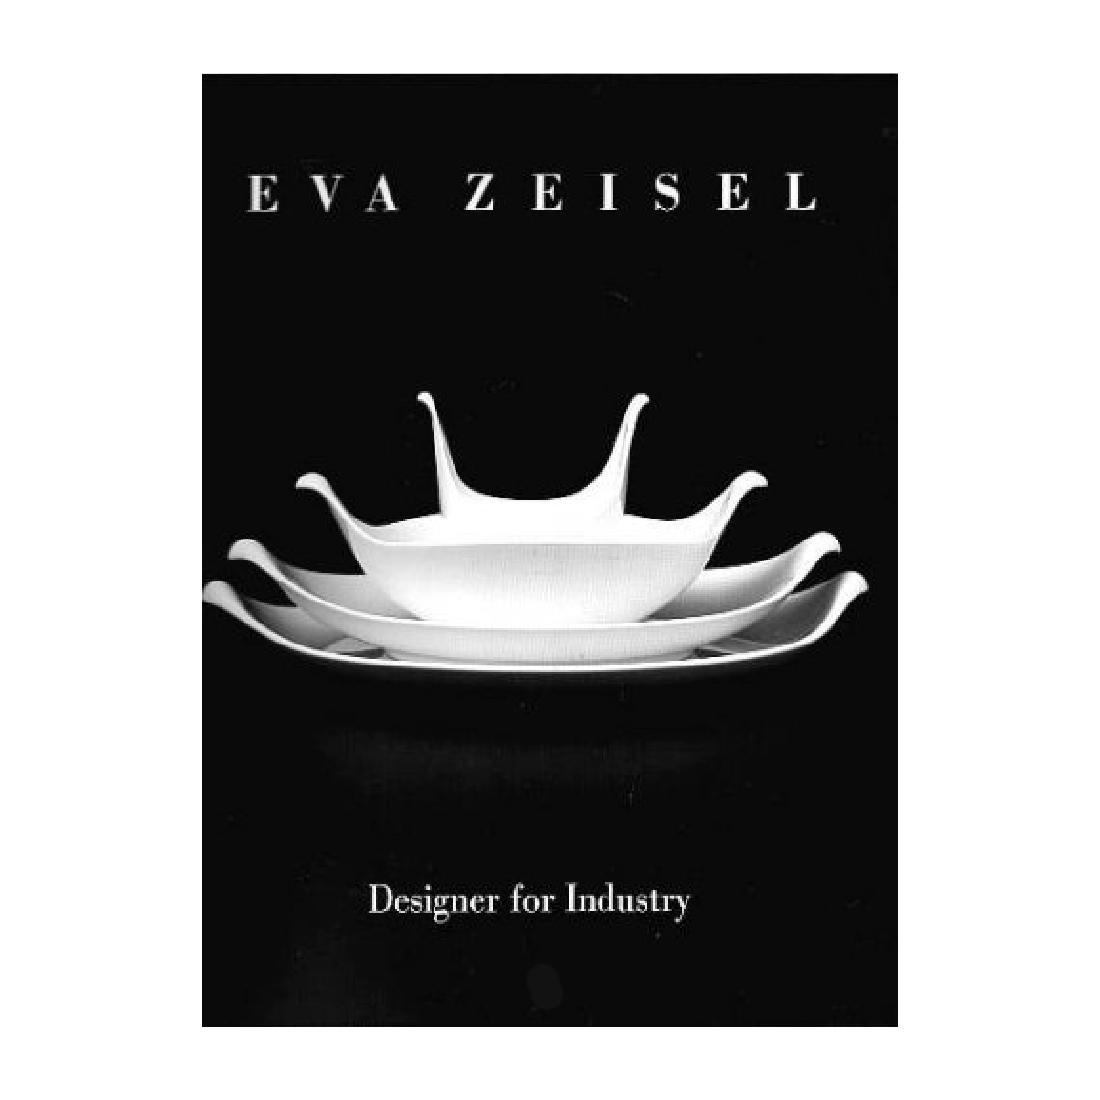 Eva Zeisel: Designer for Industry (1984)